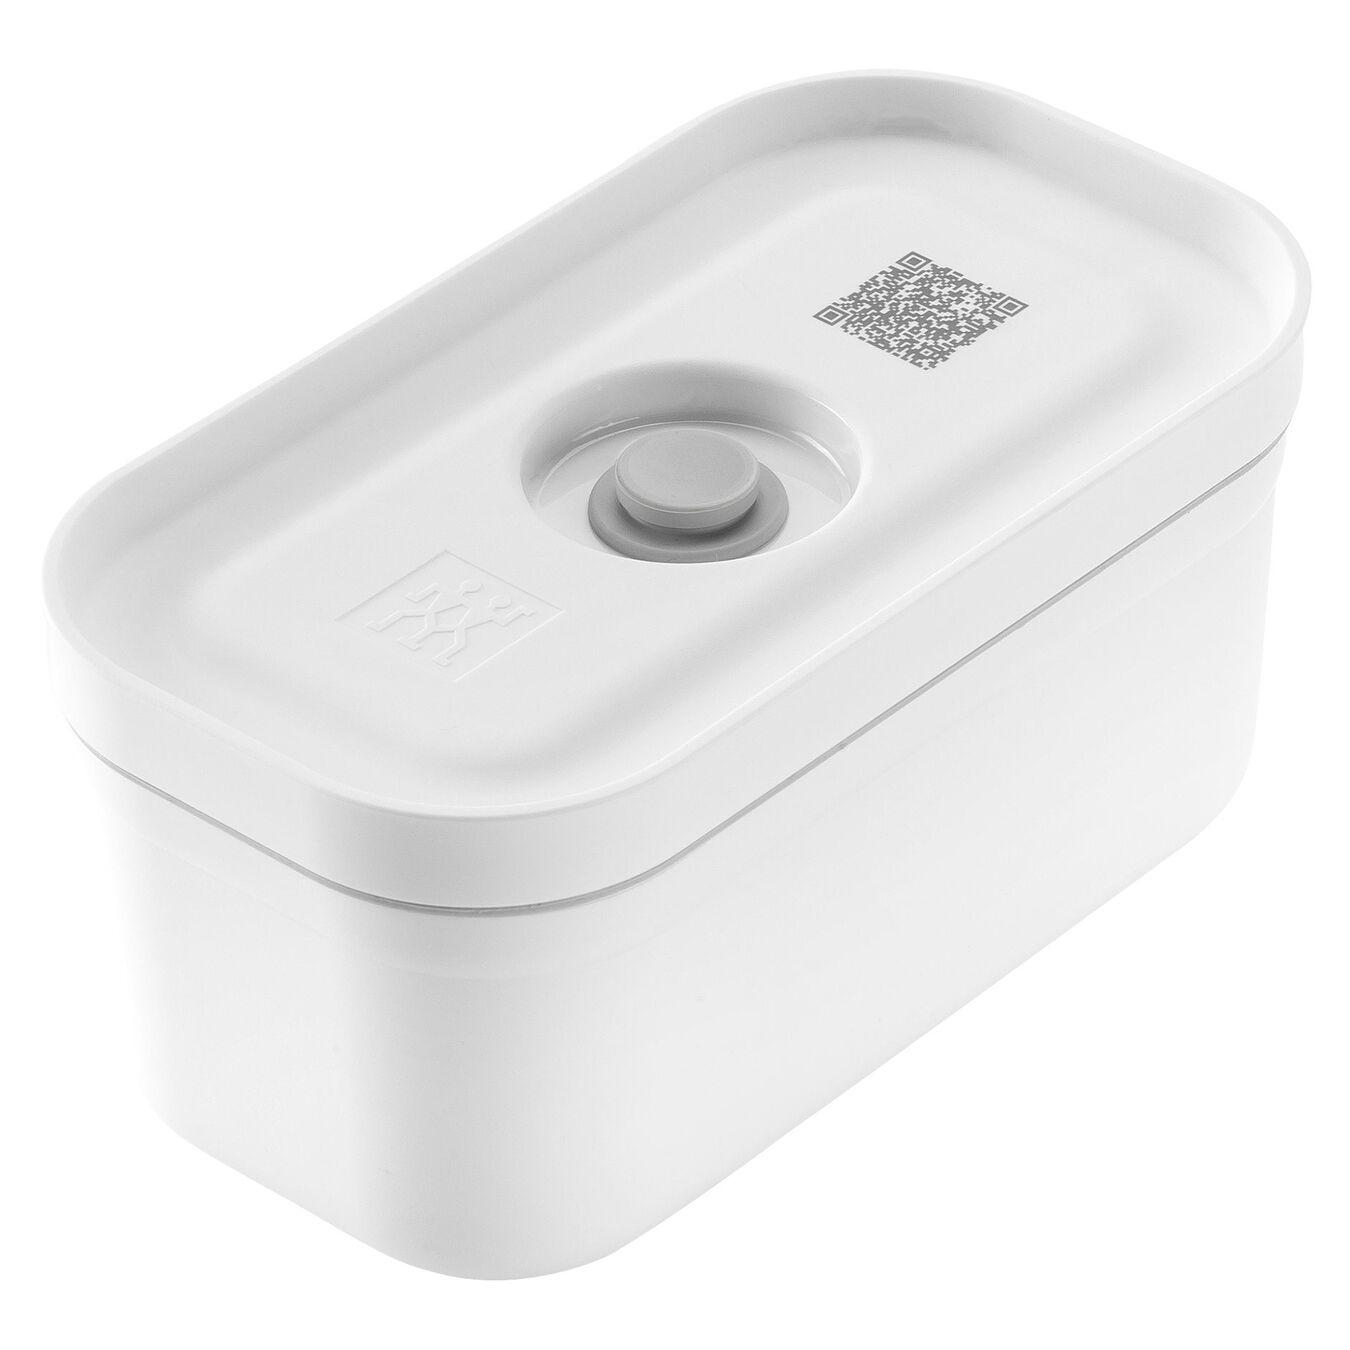 Boîte à lunch sous vide, S, Plastique, Blanc,,large 1